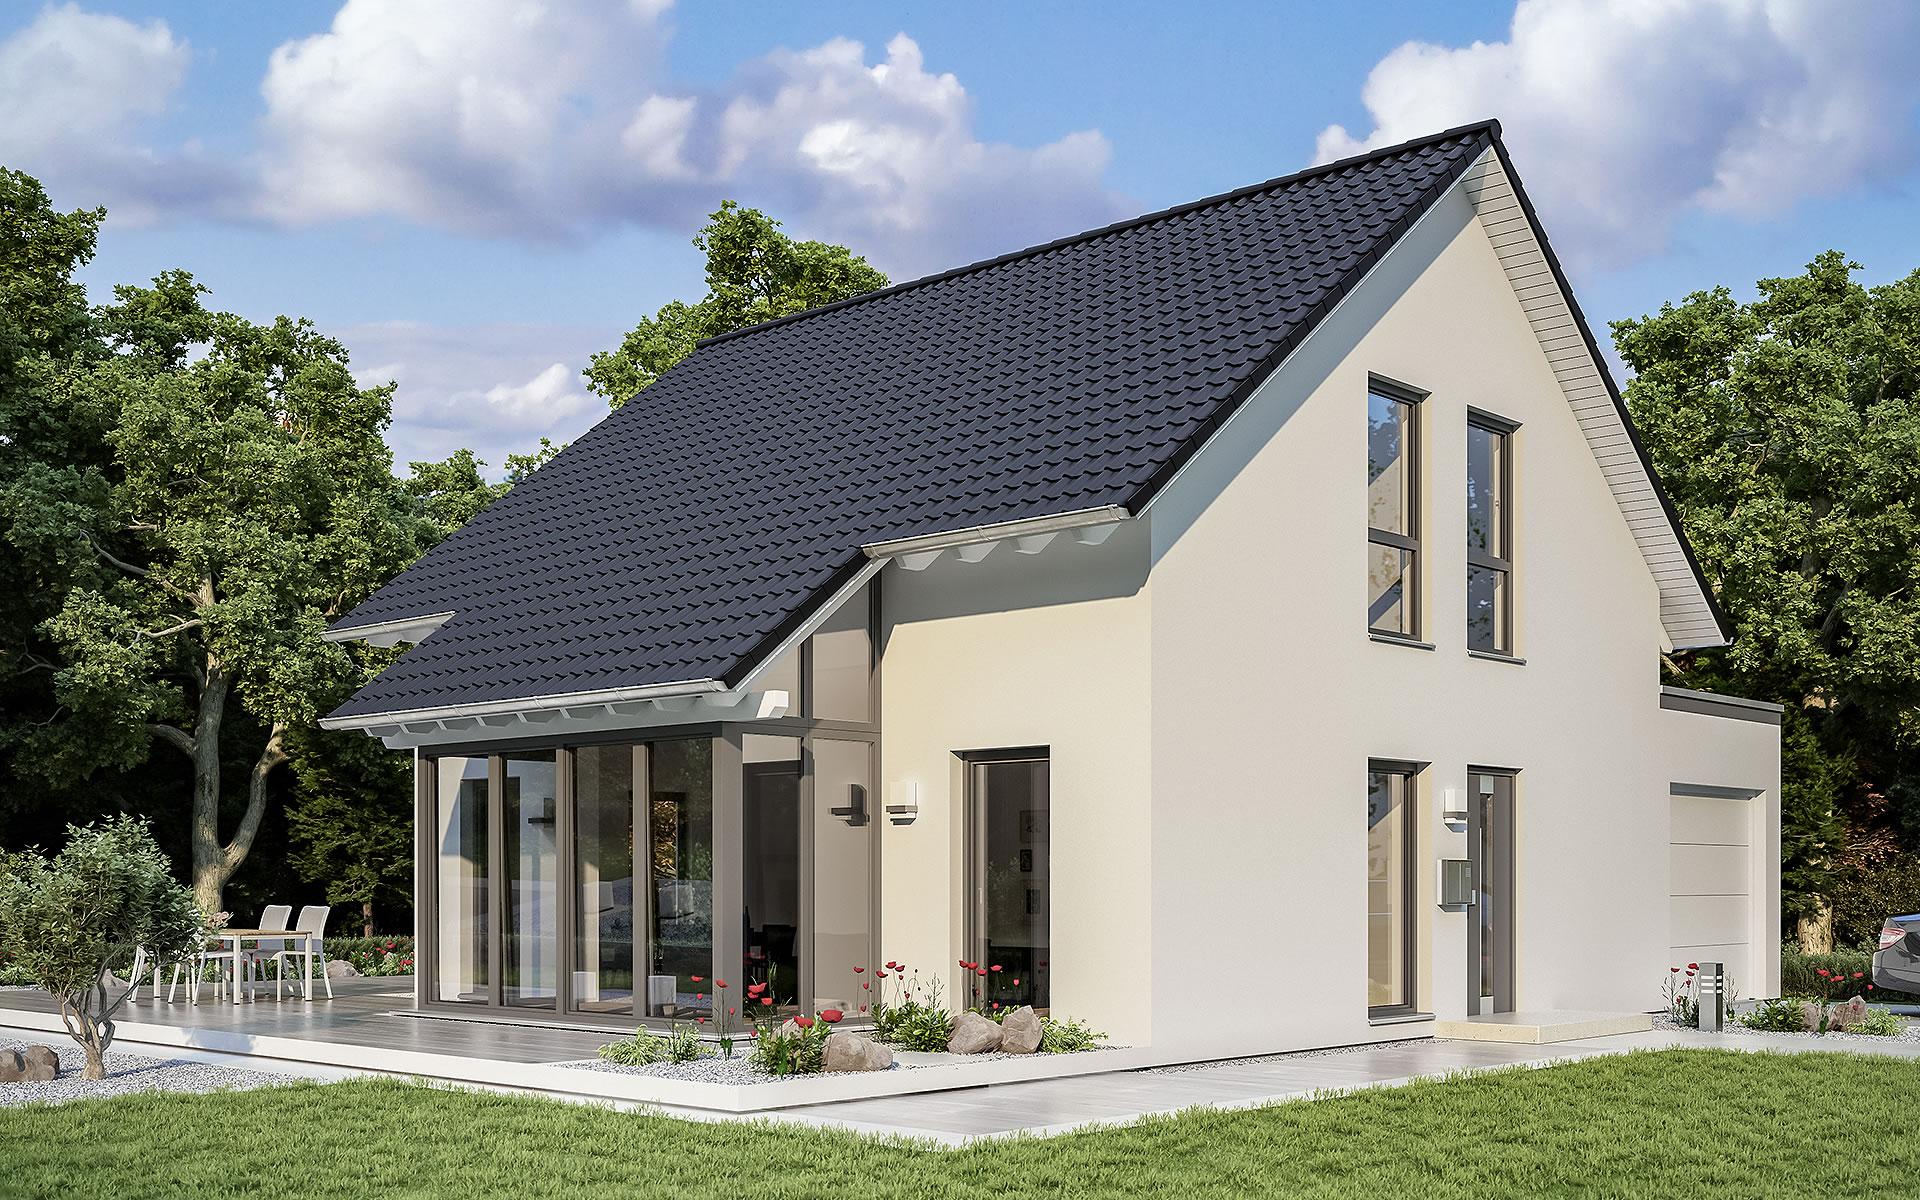 LifeStyle 14.04 S von massa haus GmbH